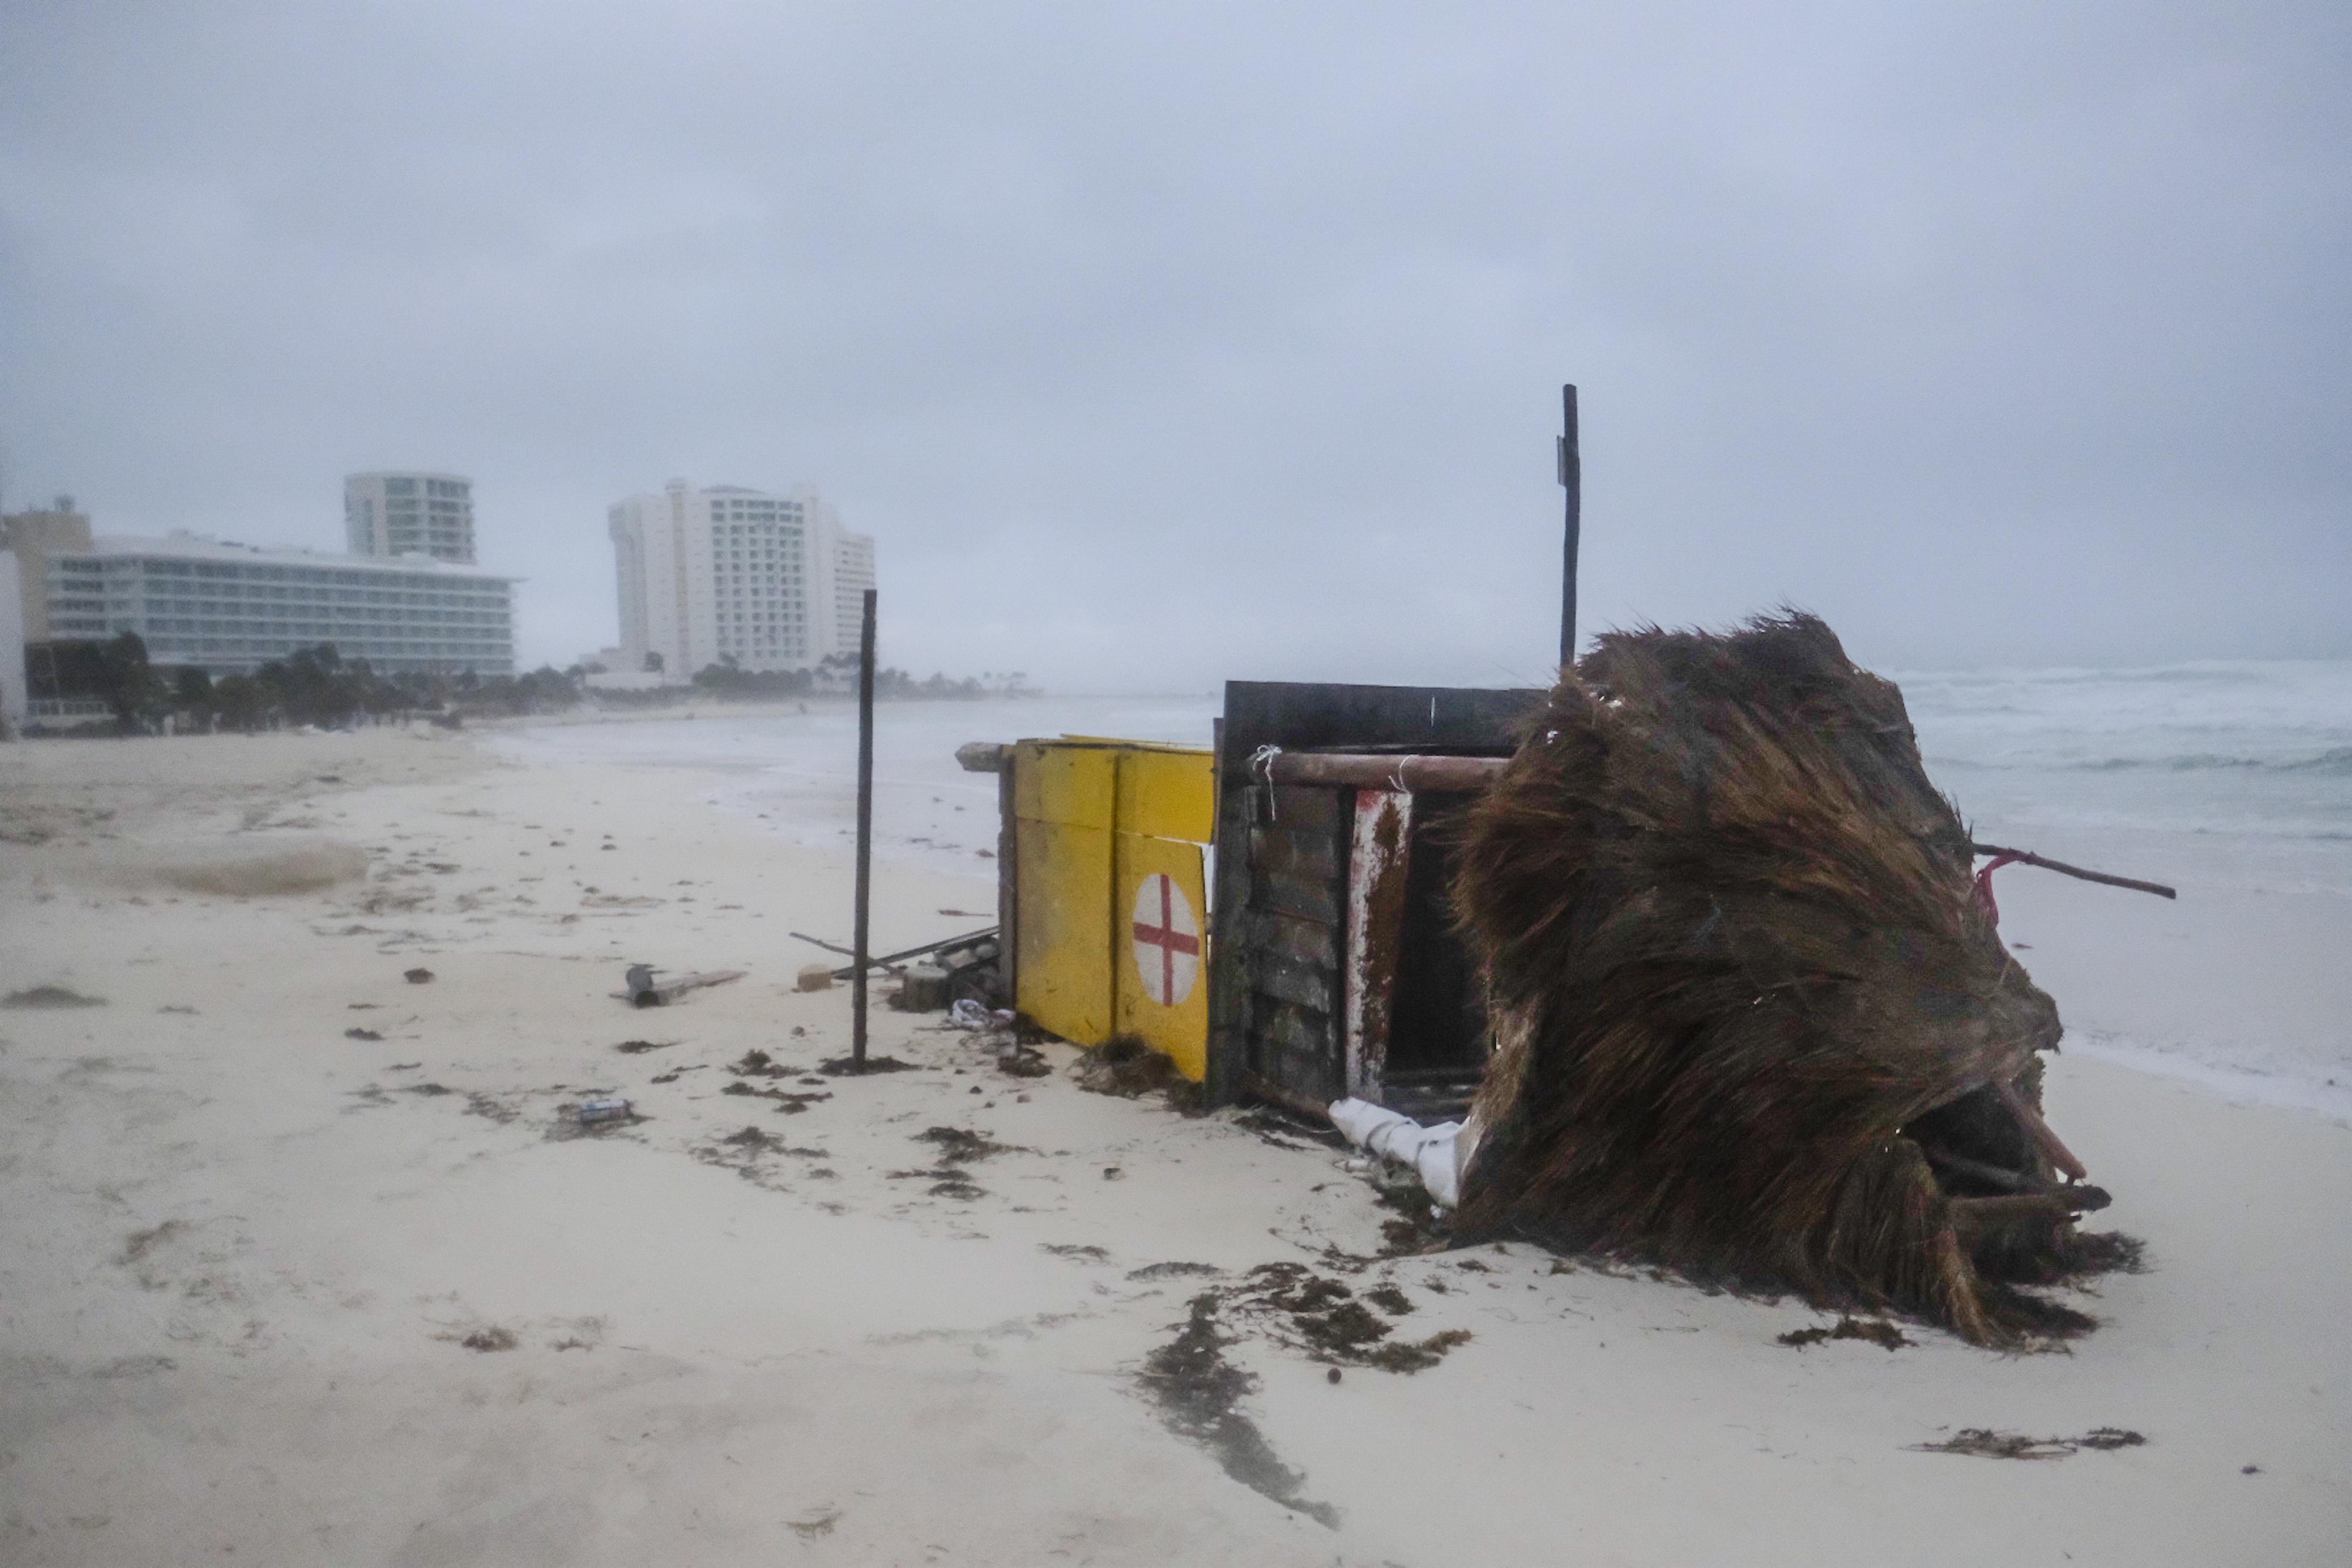 Una torre de salvavidas yace de costado después de que fuera derribada por el huracán Delta en Cancún, México, la madrugada del miércoles 7 de octubre de 2020.